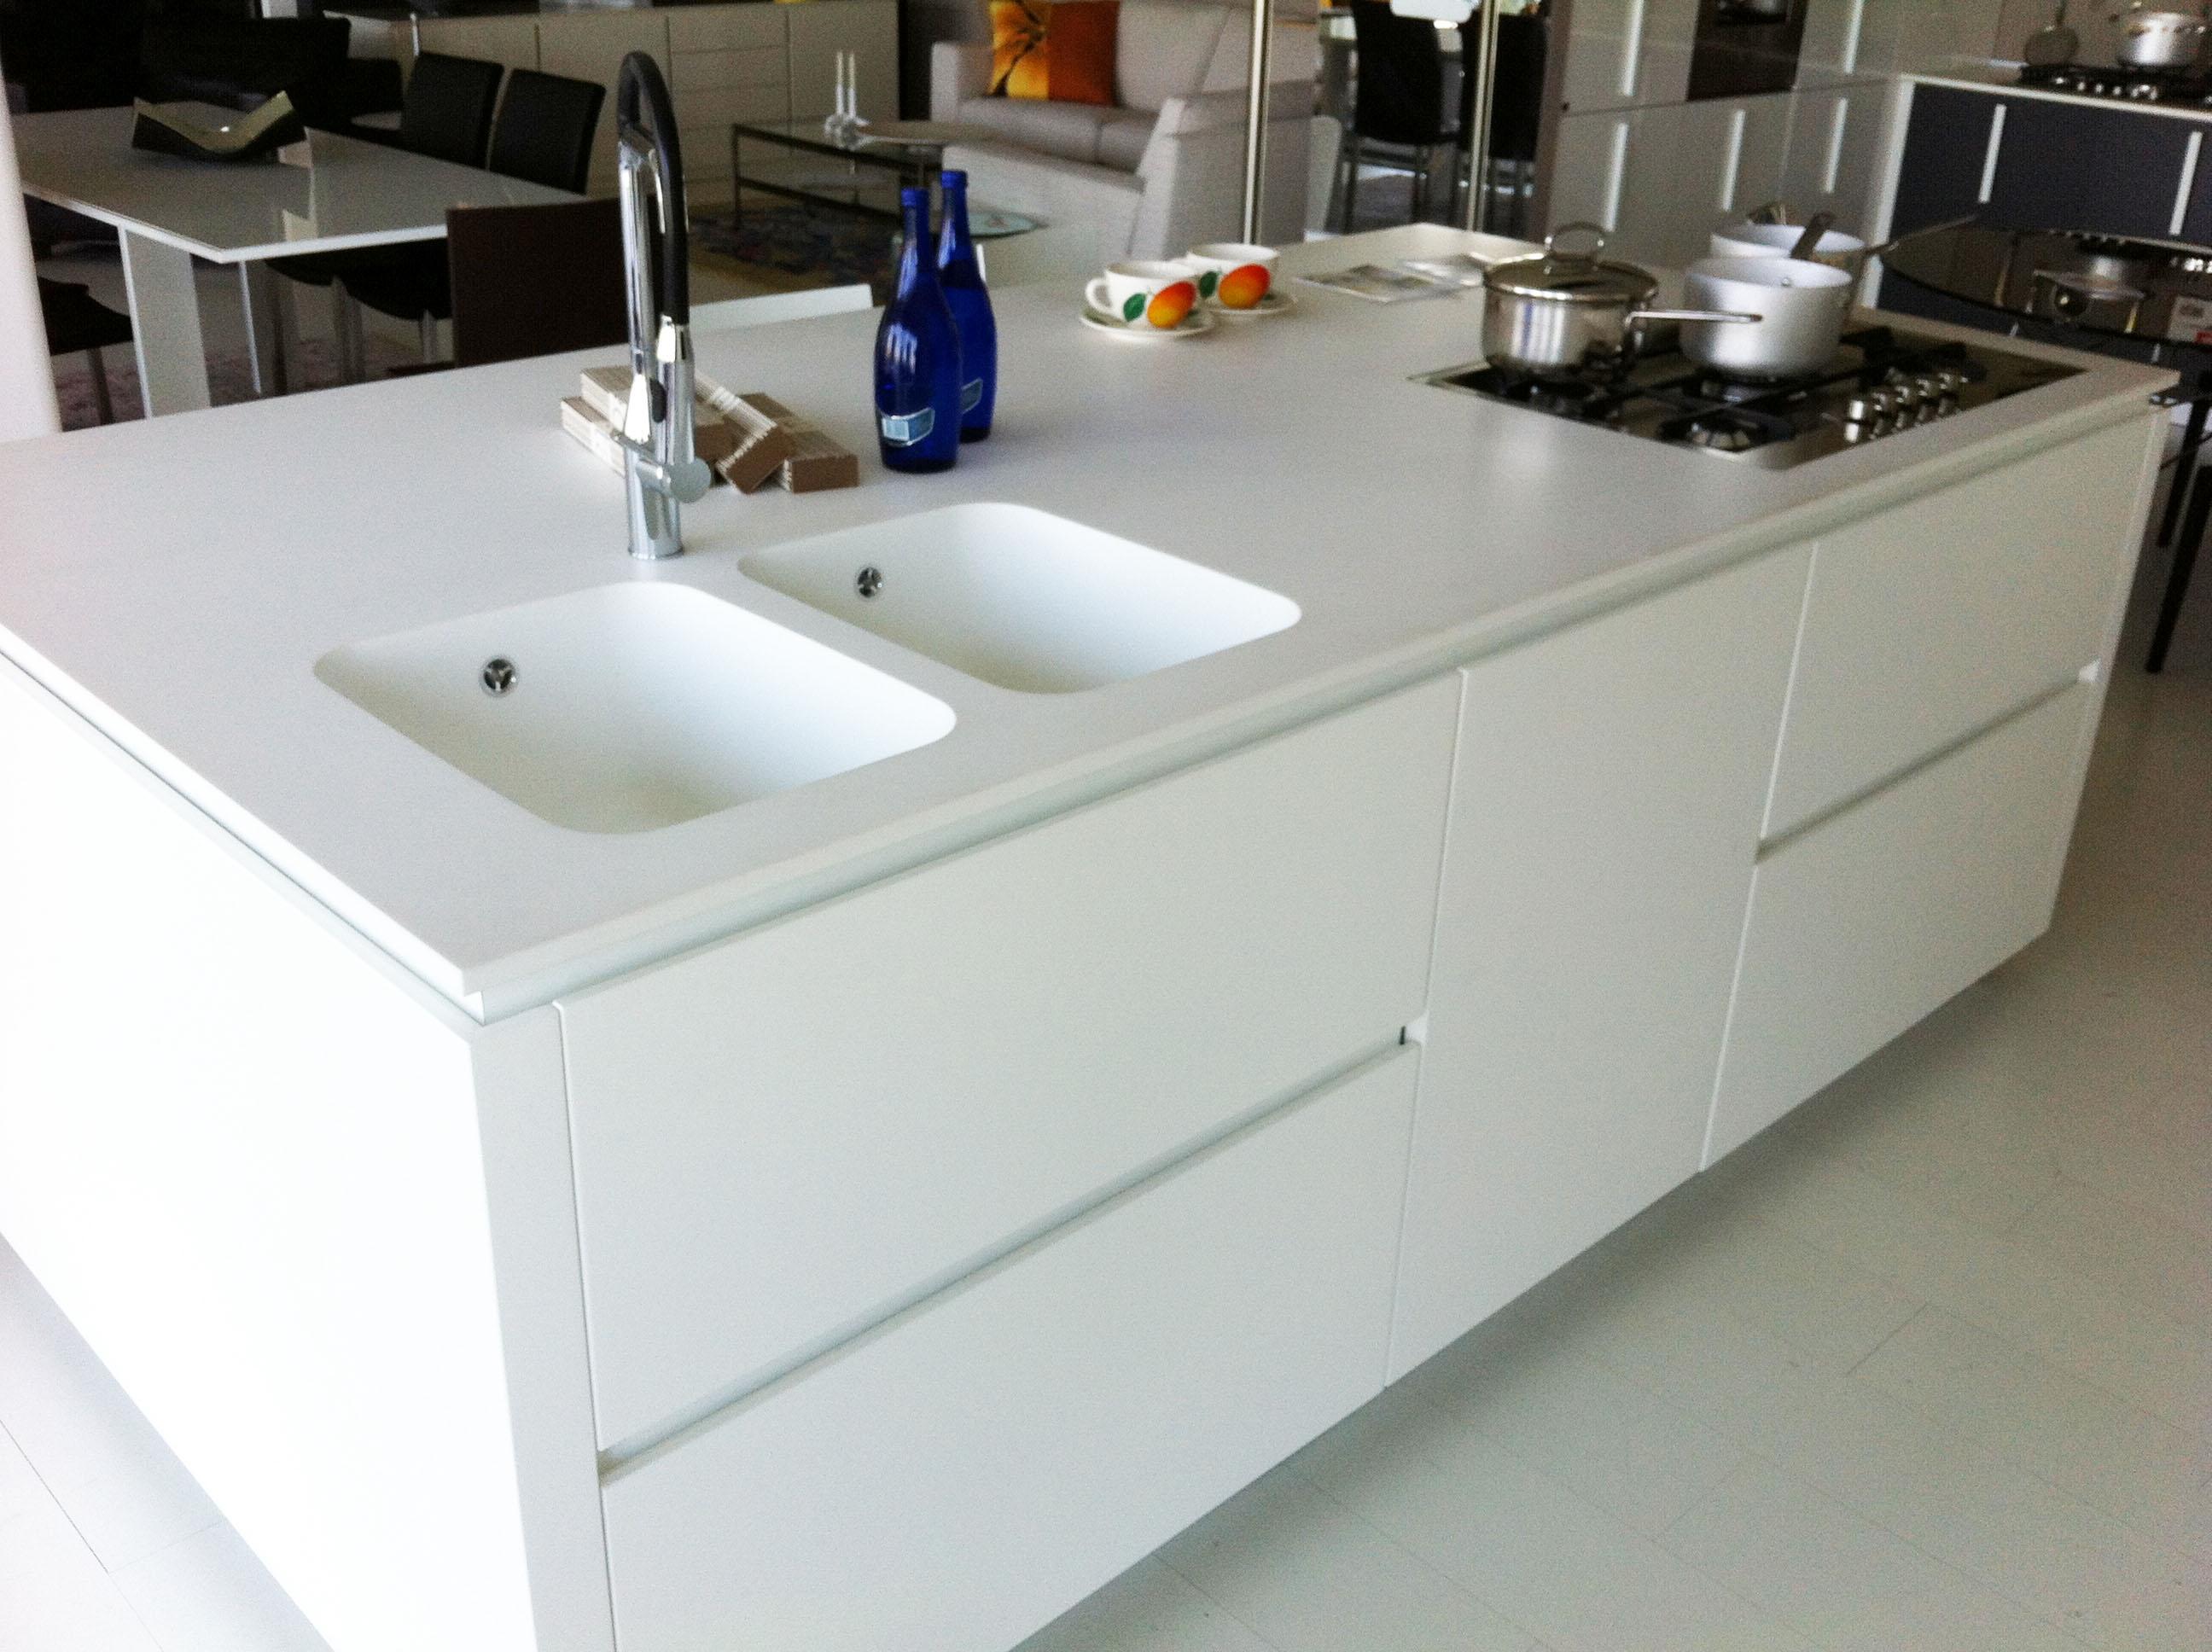 cucine con isola in offerta scontata del 40% cucine Pedini in ...